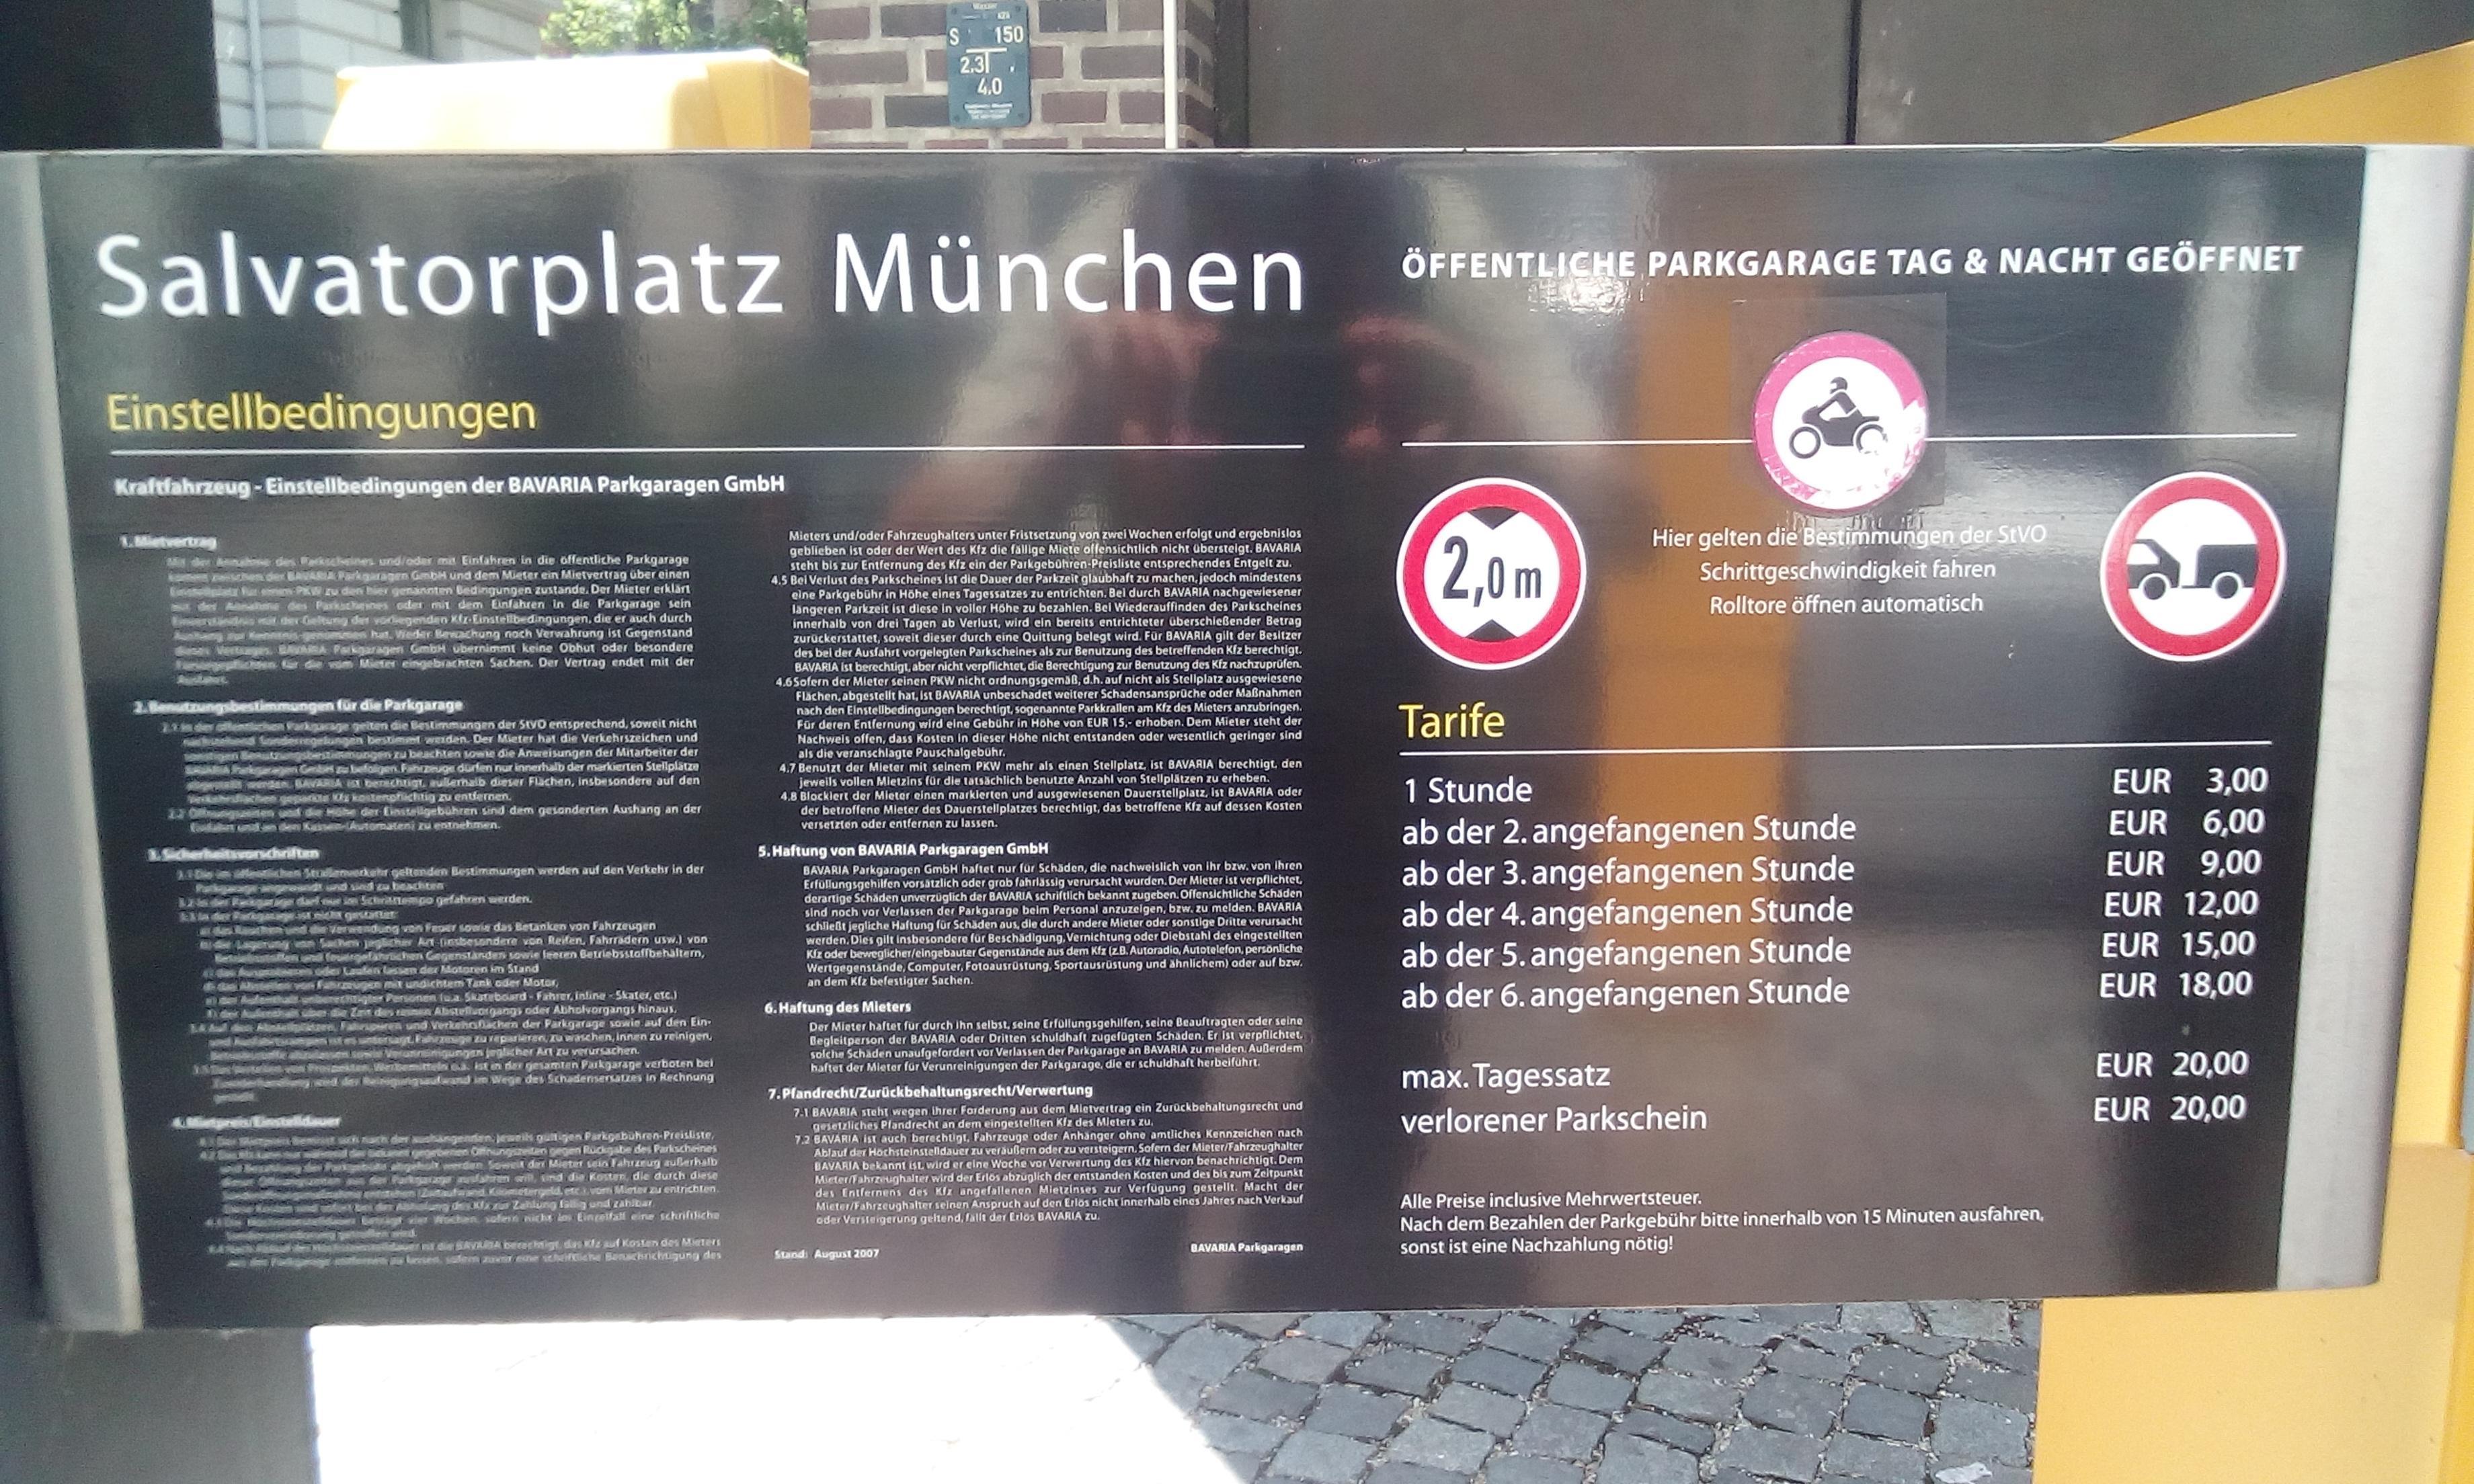 bavaria parkgaragen